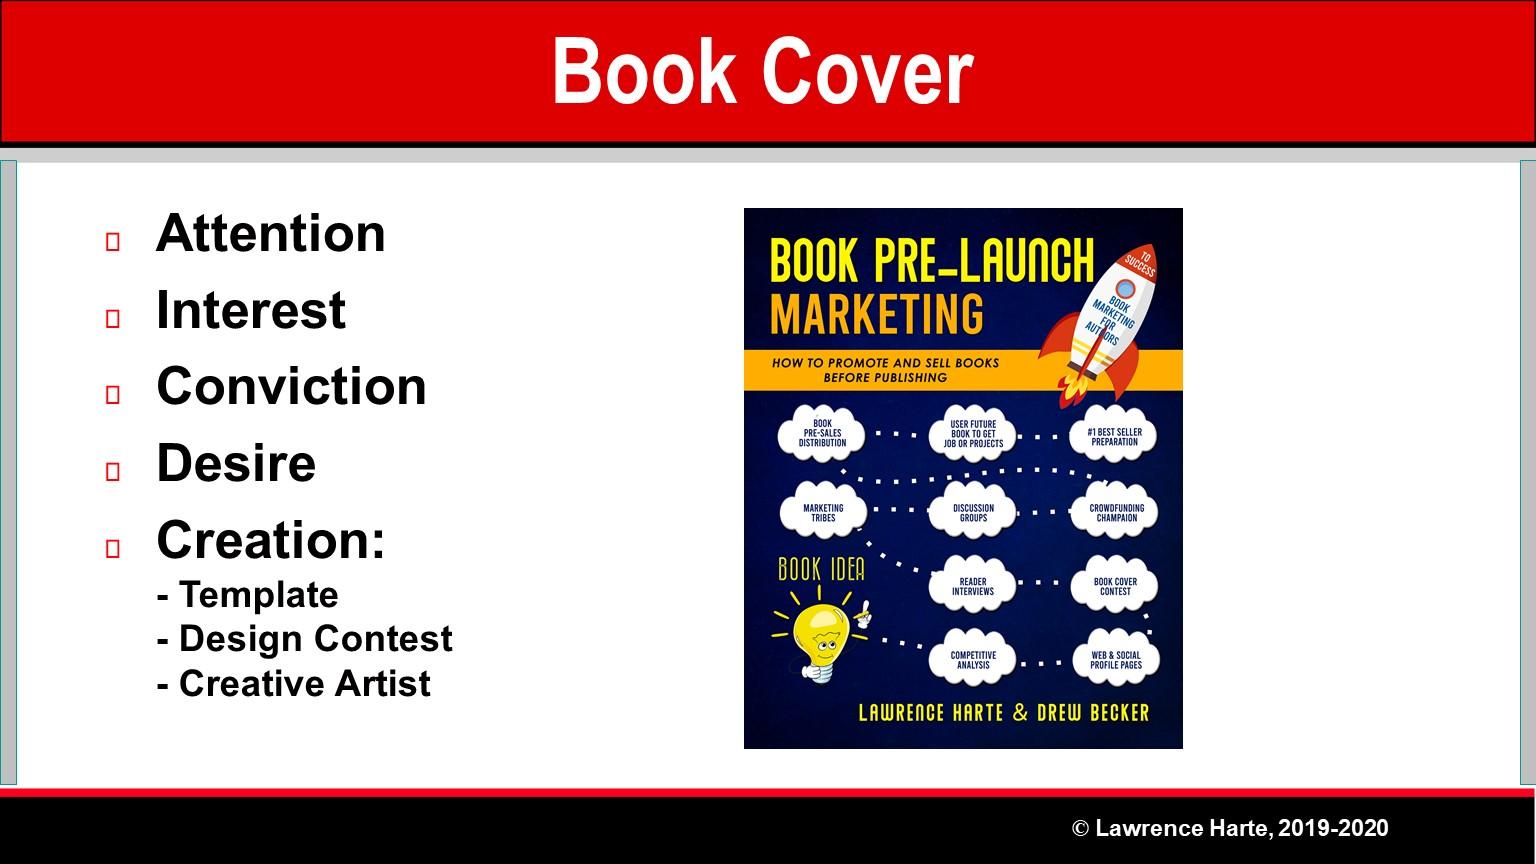 Book Pre-Launch Marketing Cover Design